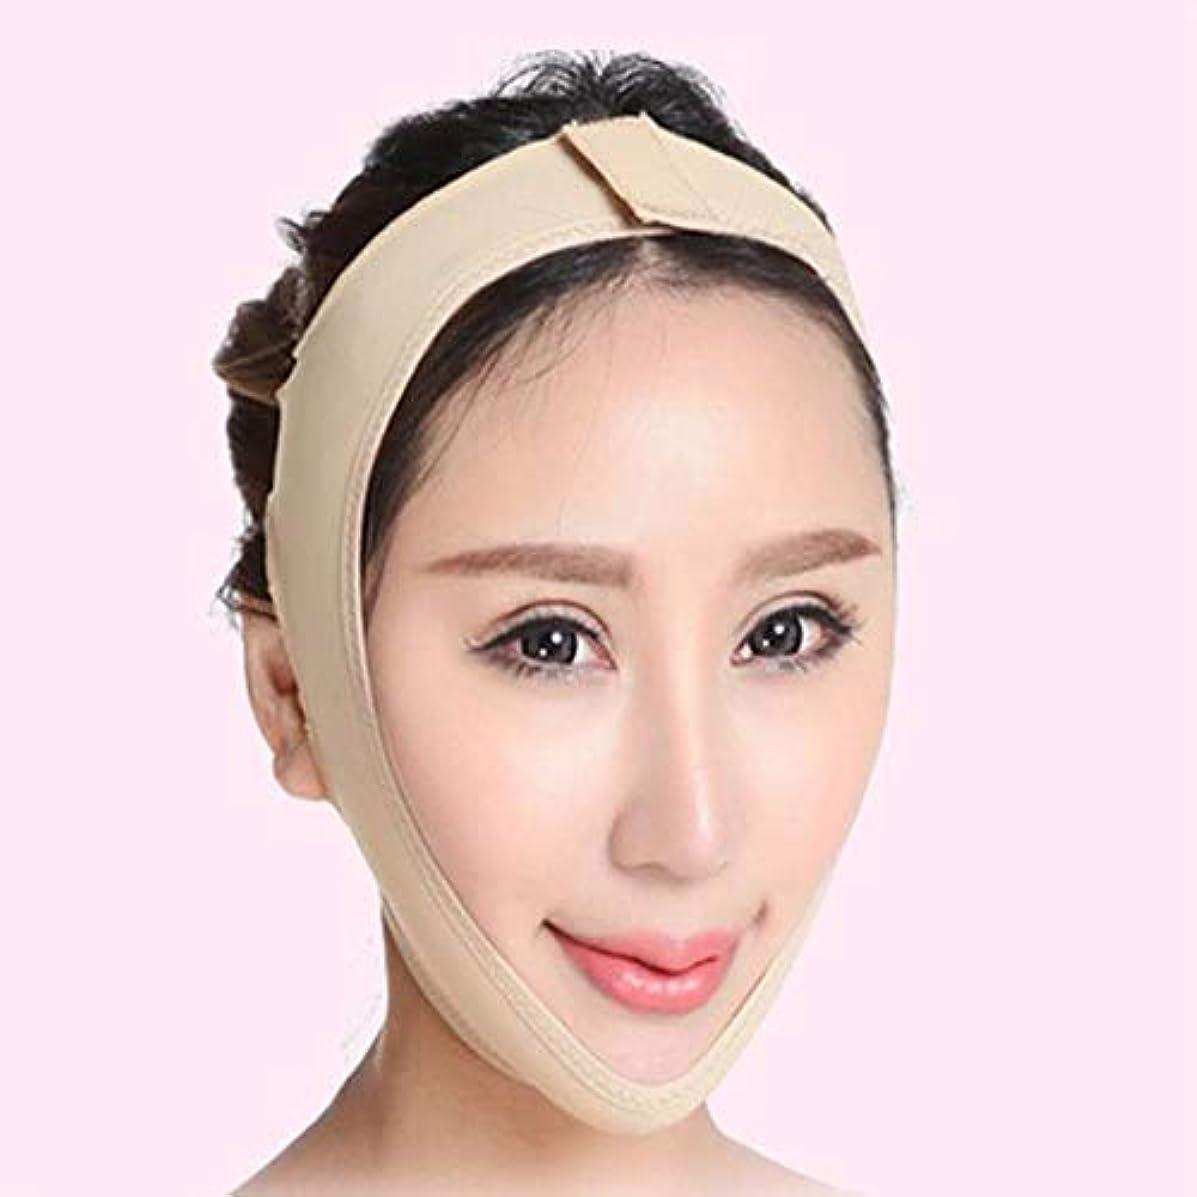 擁するささいな散るMR 小顔マスク リフトアップ マスク フェイスラインシャープ メンズ レディース Mサイズ MR-AZD15003-M